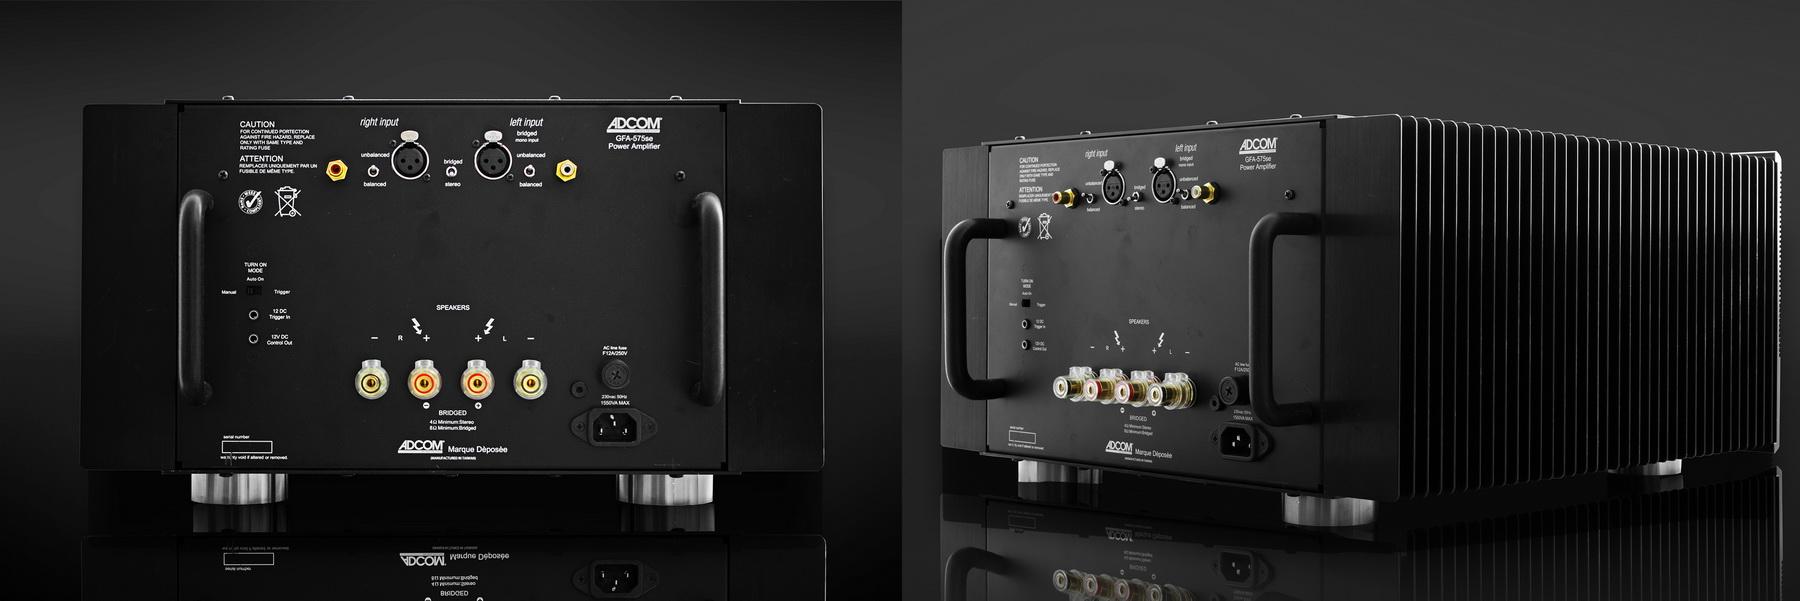 Adcom-GFA-575se